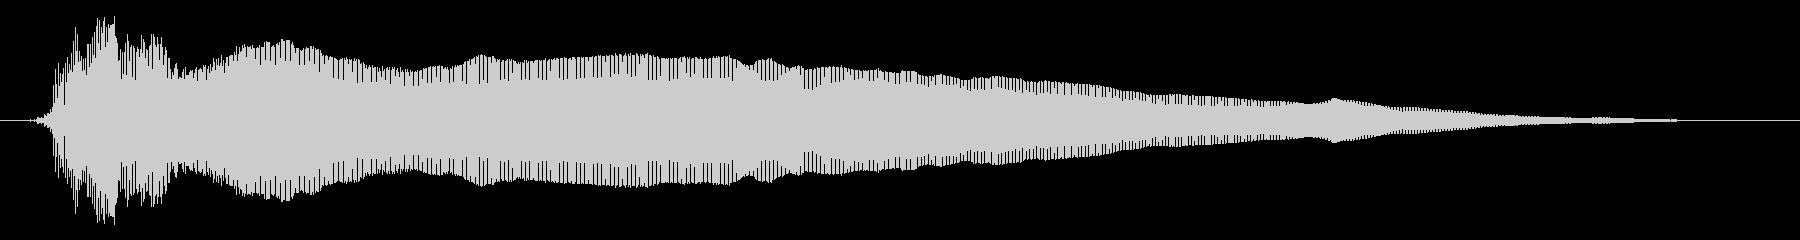 アオーン(裏声)の未再生の波形